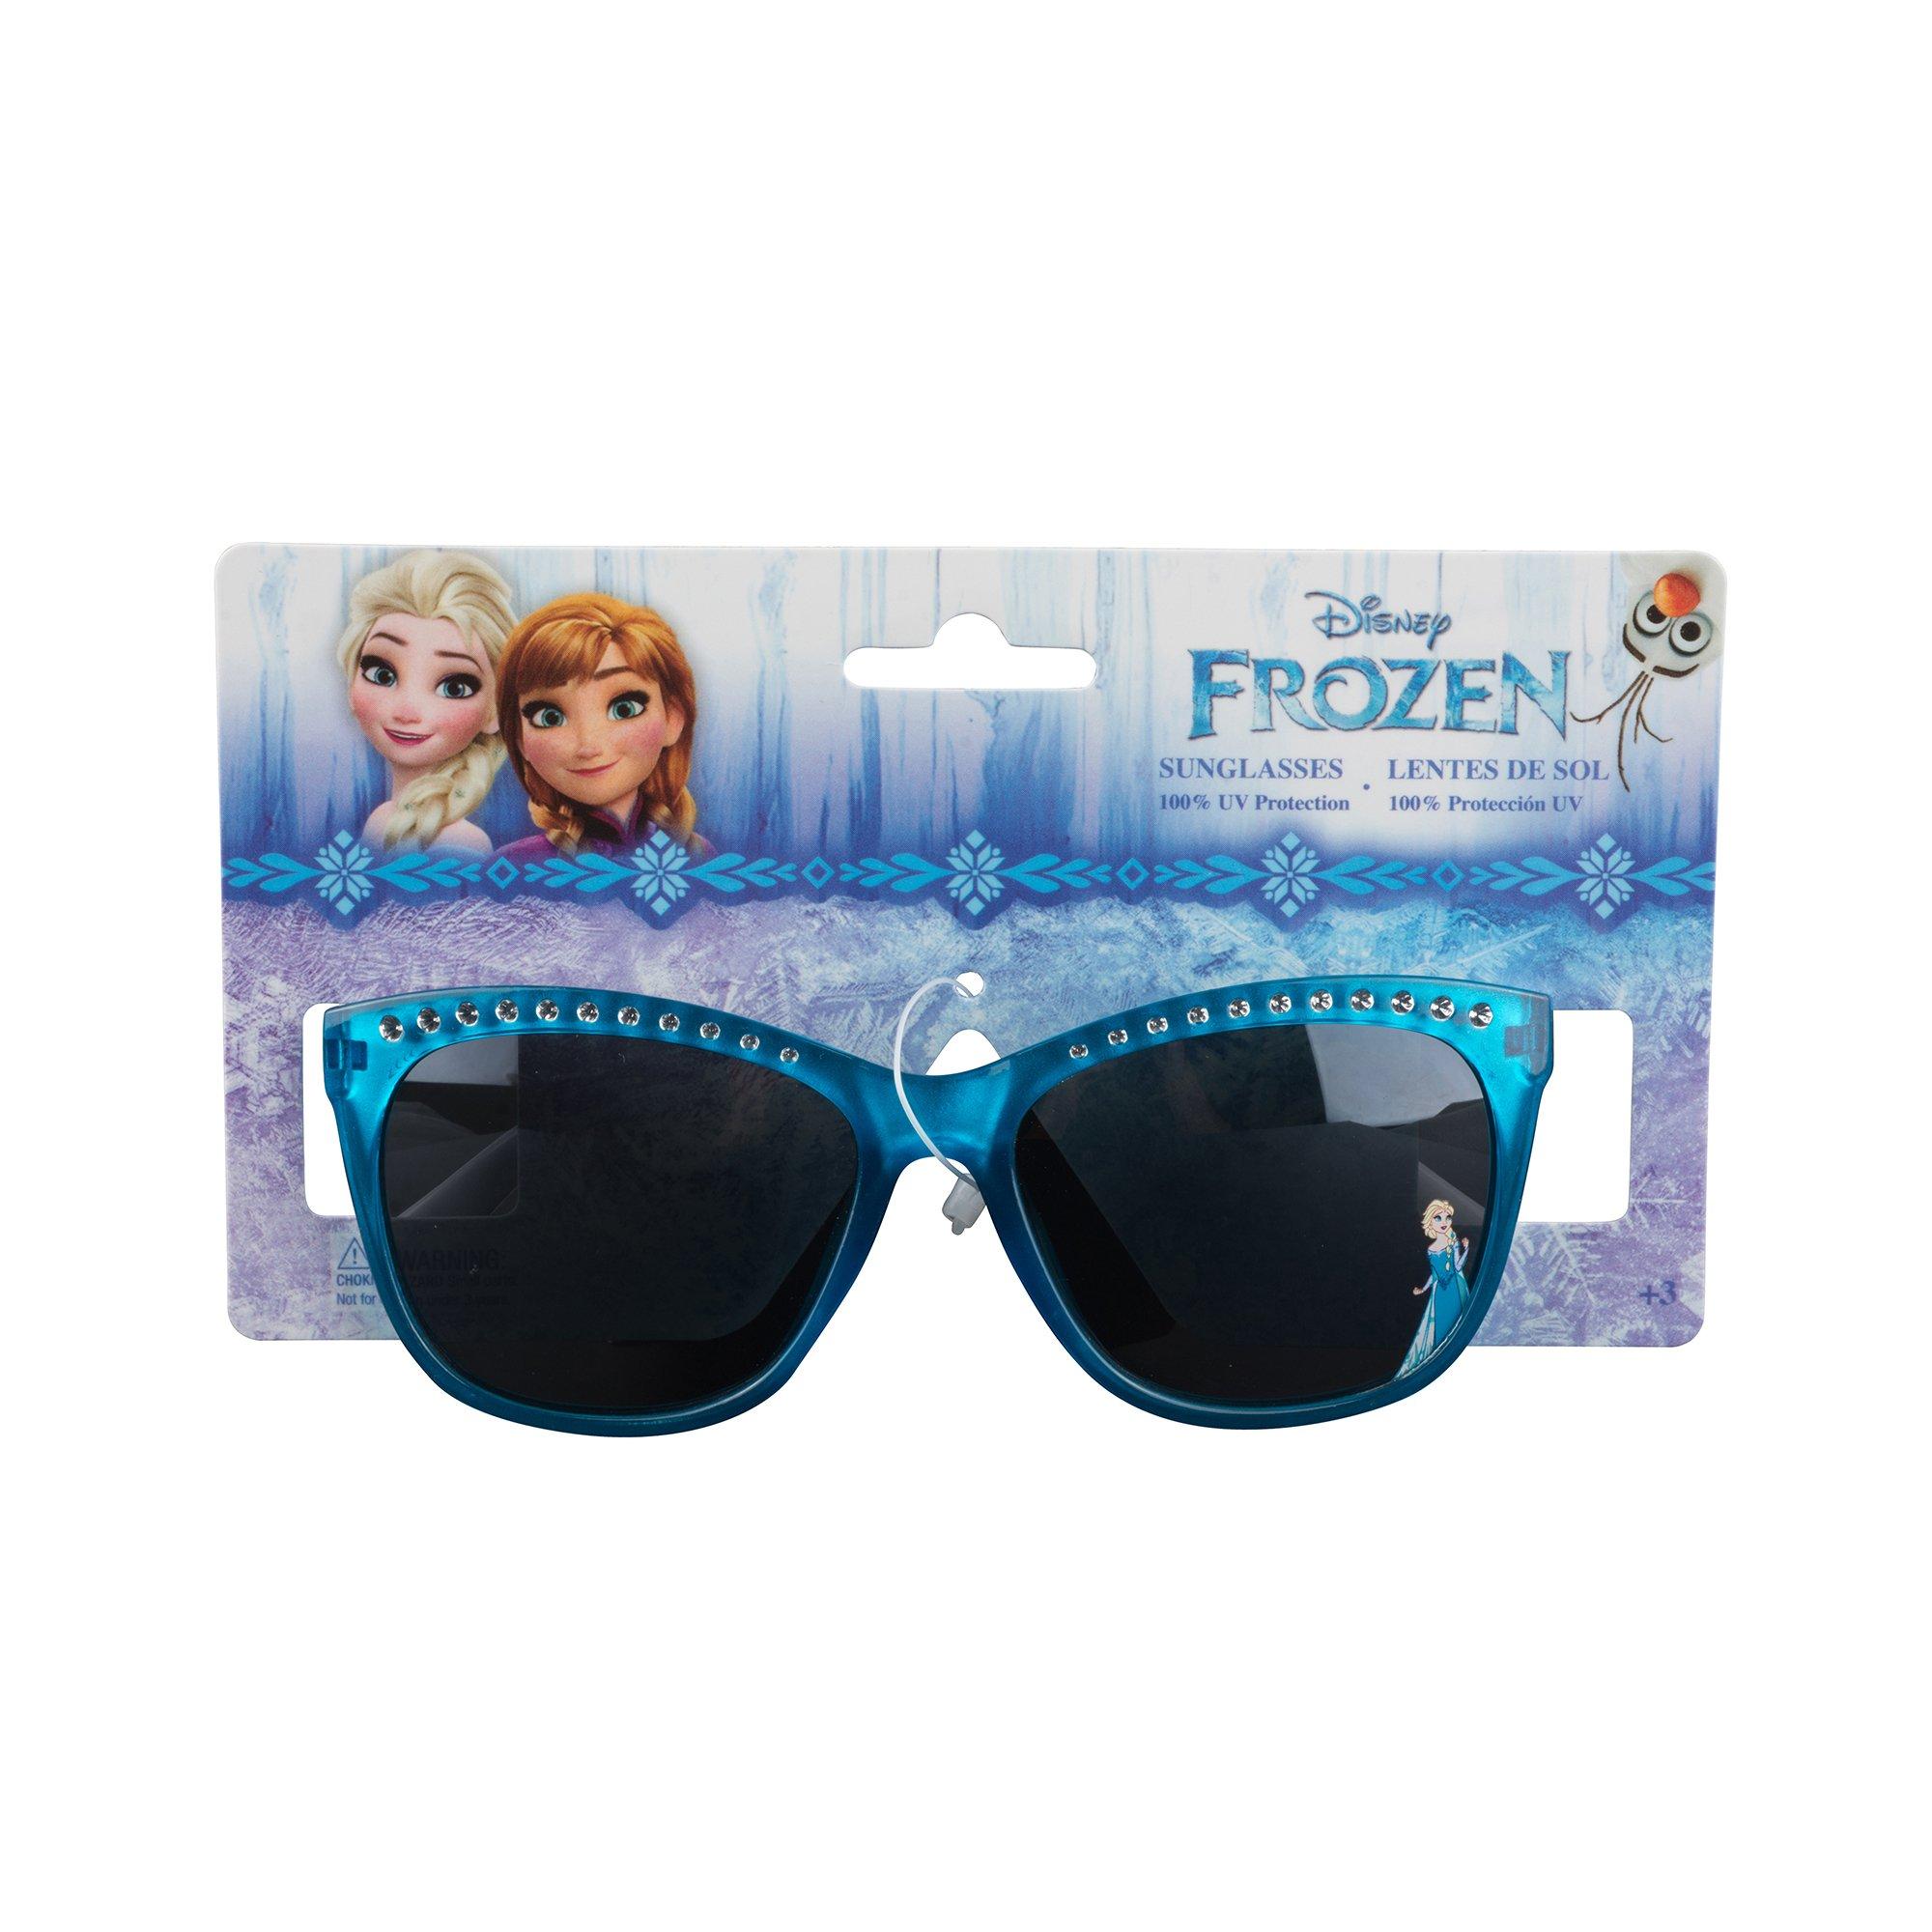 Pan Oceanic LTD Wayfarer Disney FROZEN Sunglasses for Girls, Non-polarized